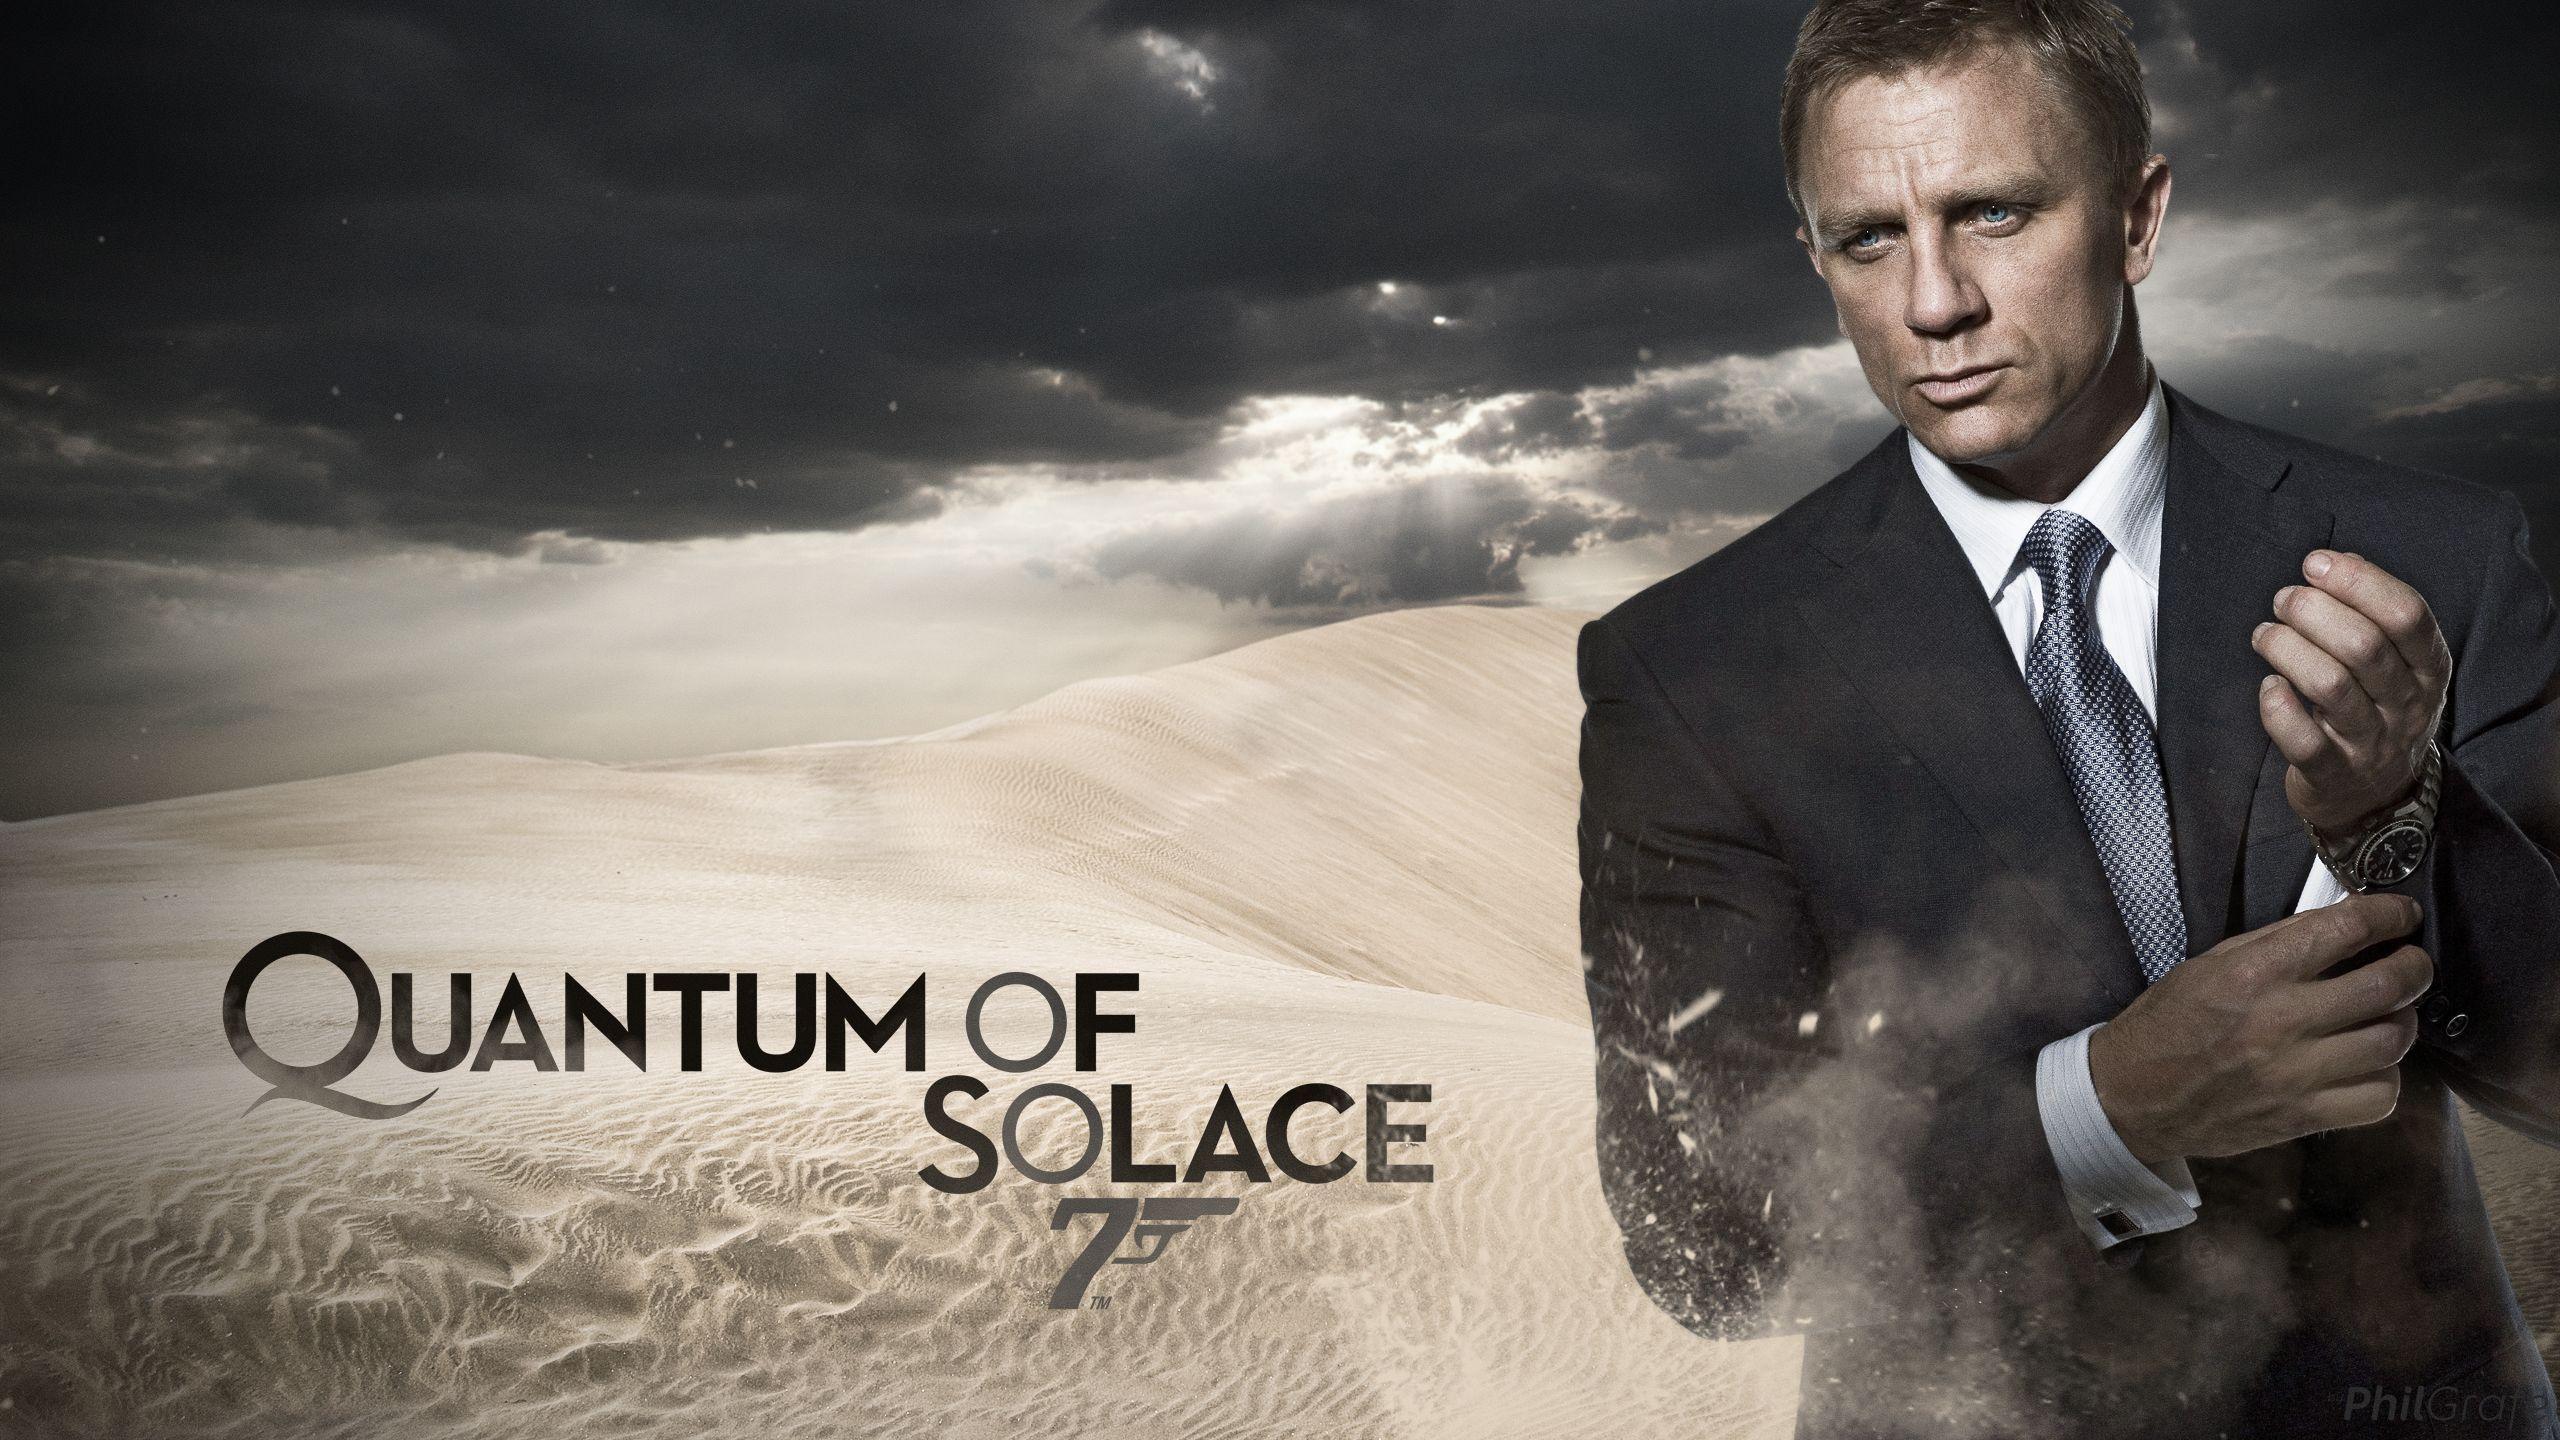 James Bond 007 Quantum Of Solace Michael Buble Cry Me A River